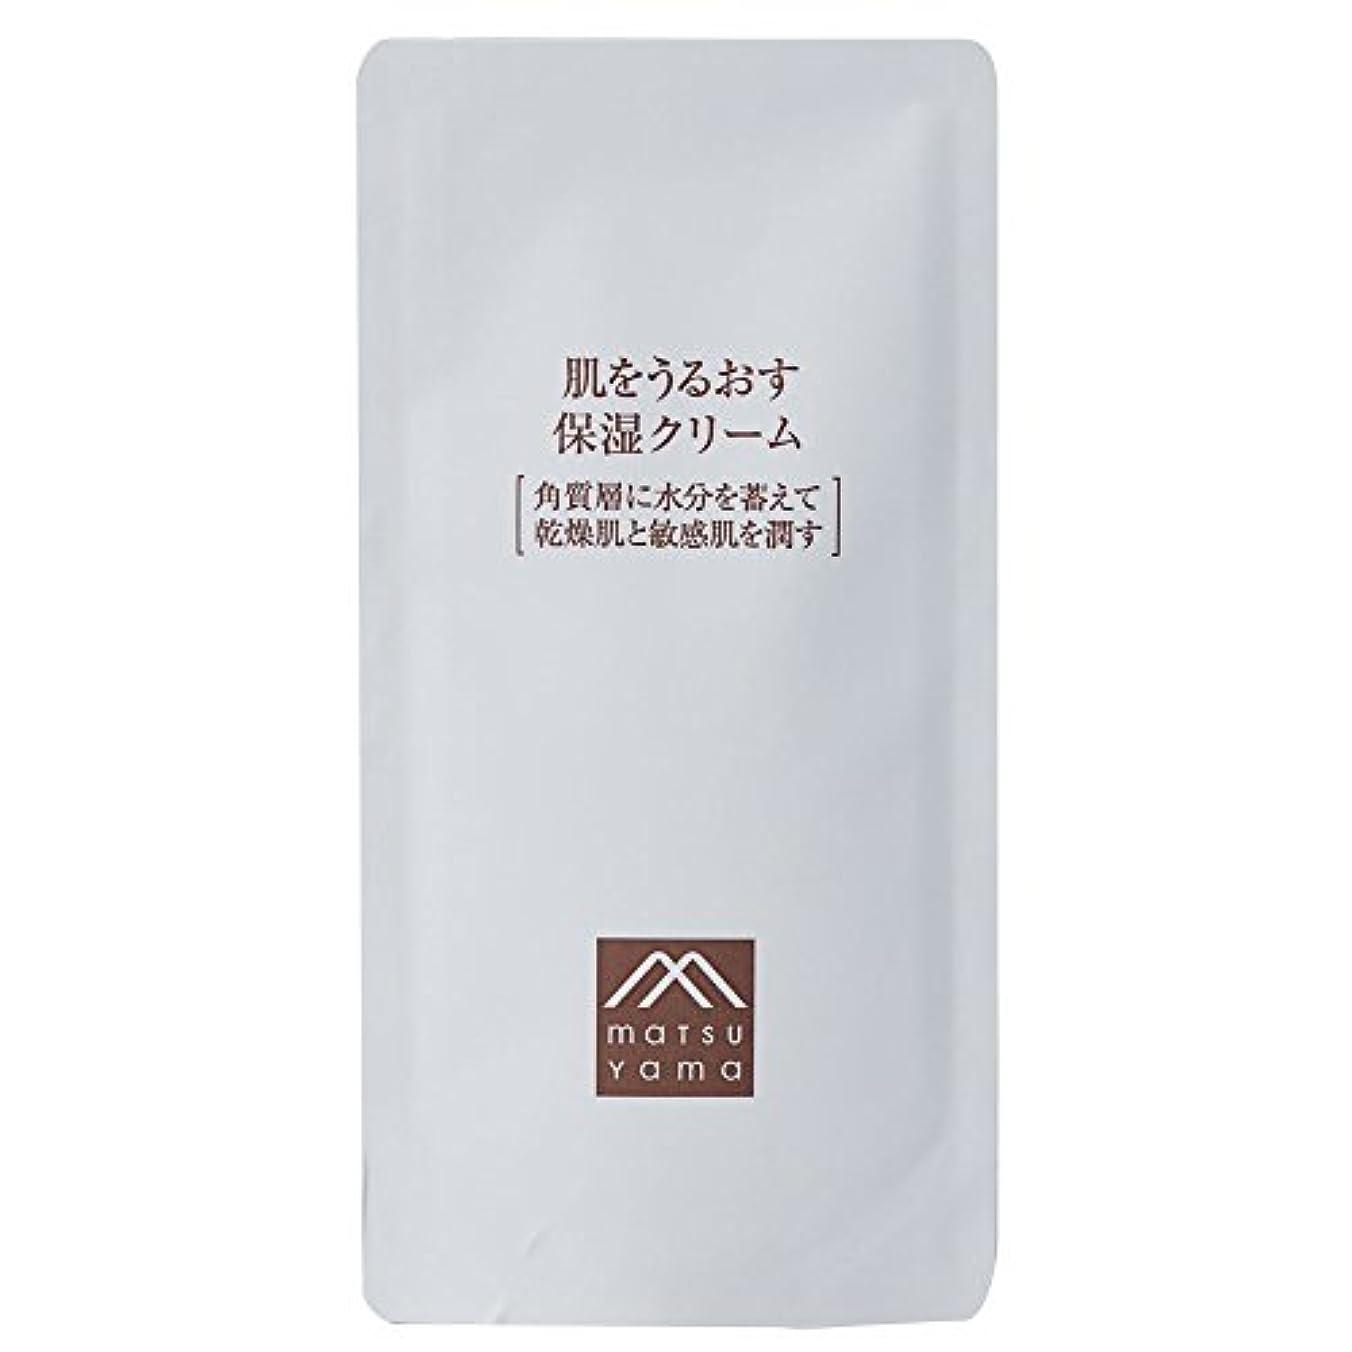 相互接続バックパパ肌をうるおす保湿クリーム 詰替用(クリーム) 濃厚クリーム [乾燥肌 敏感肌]